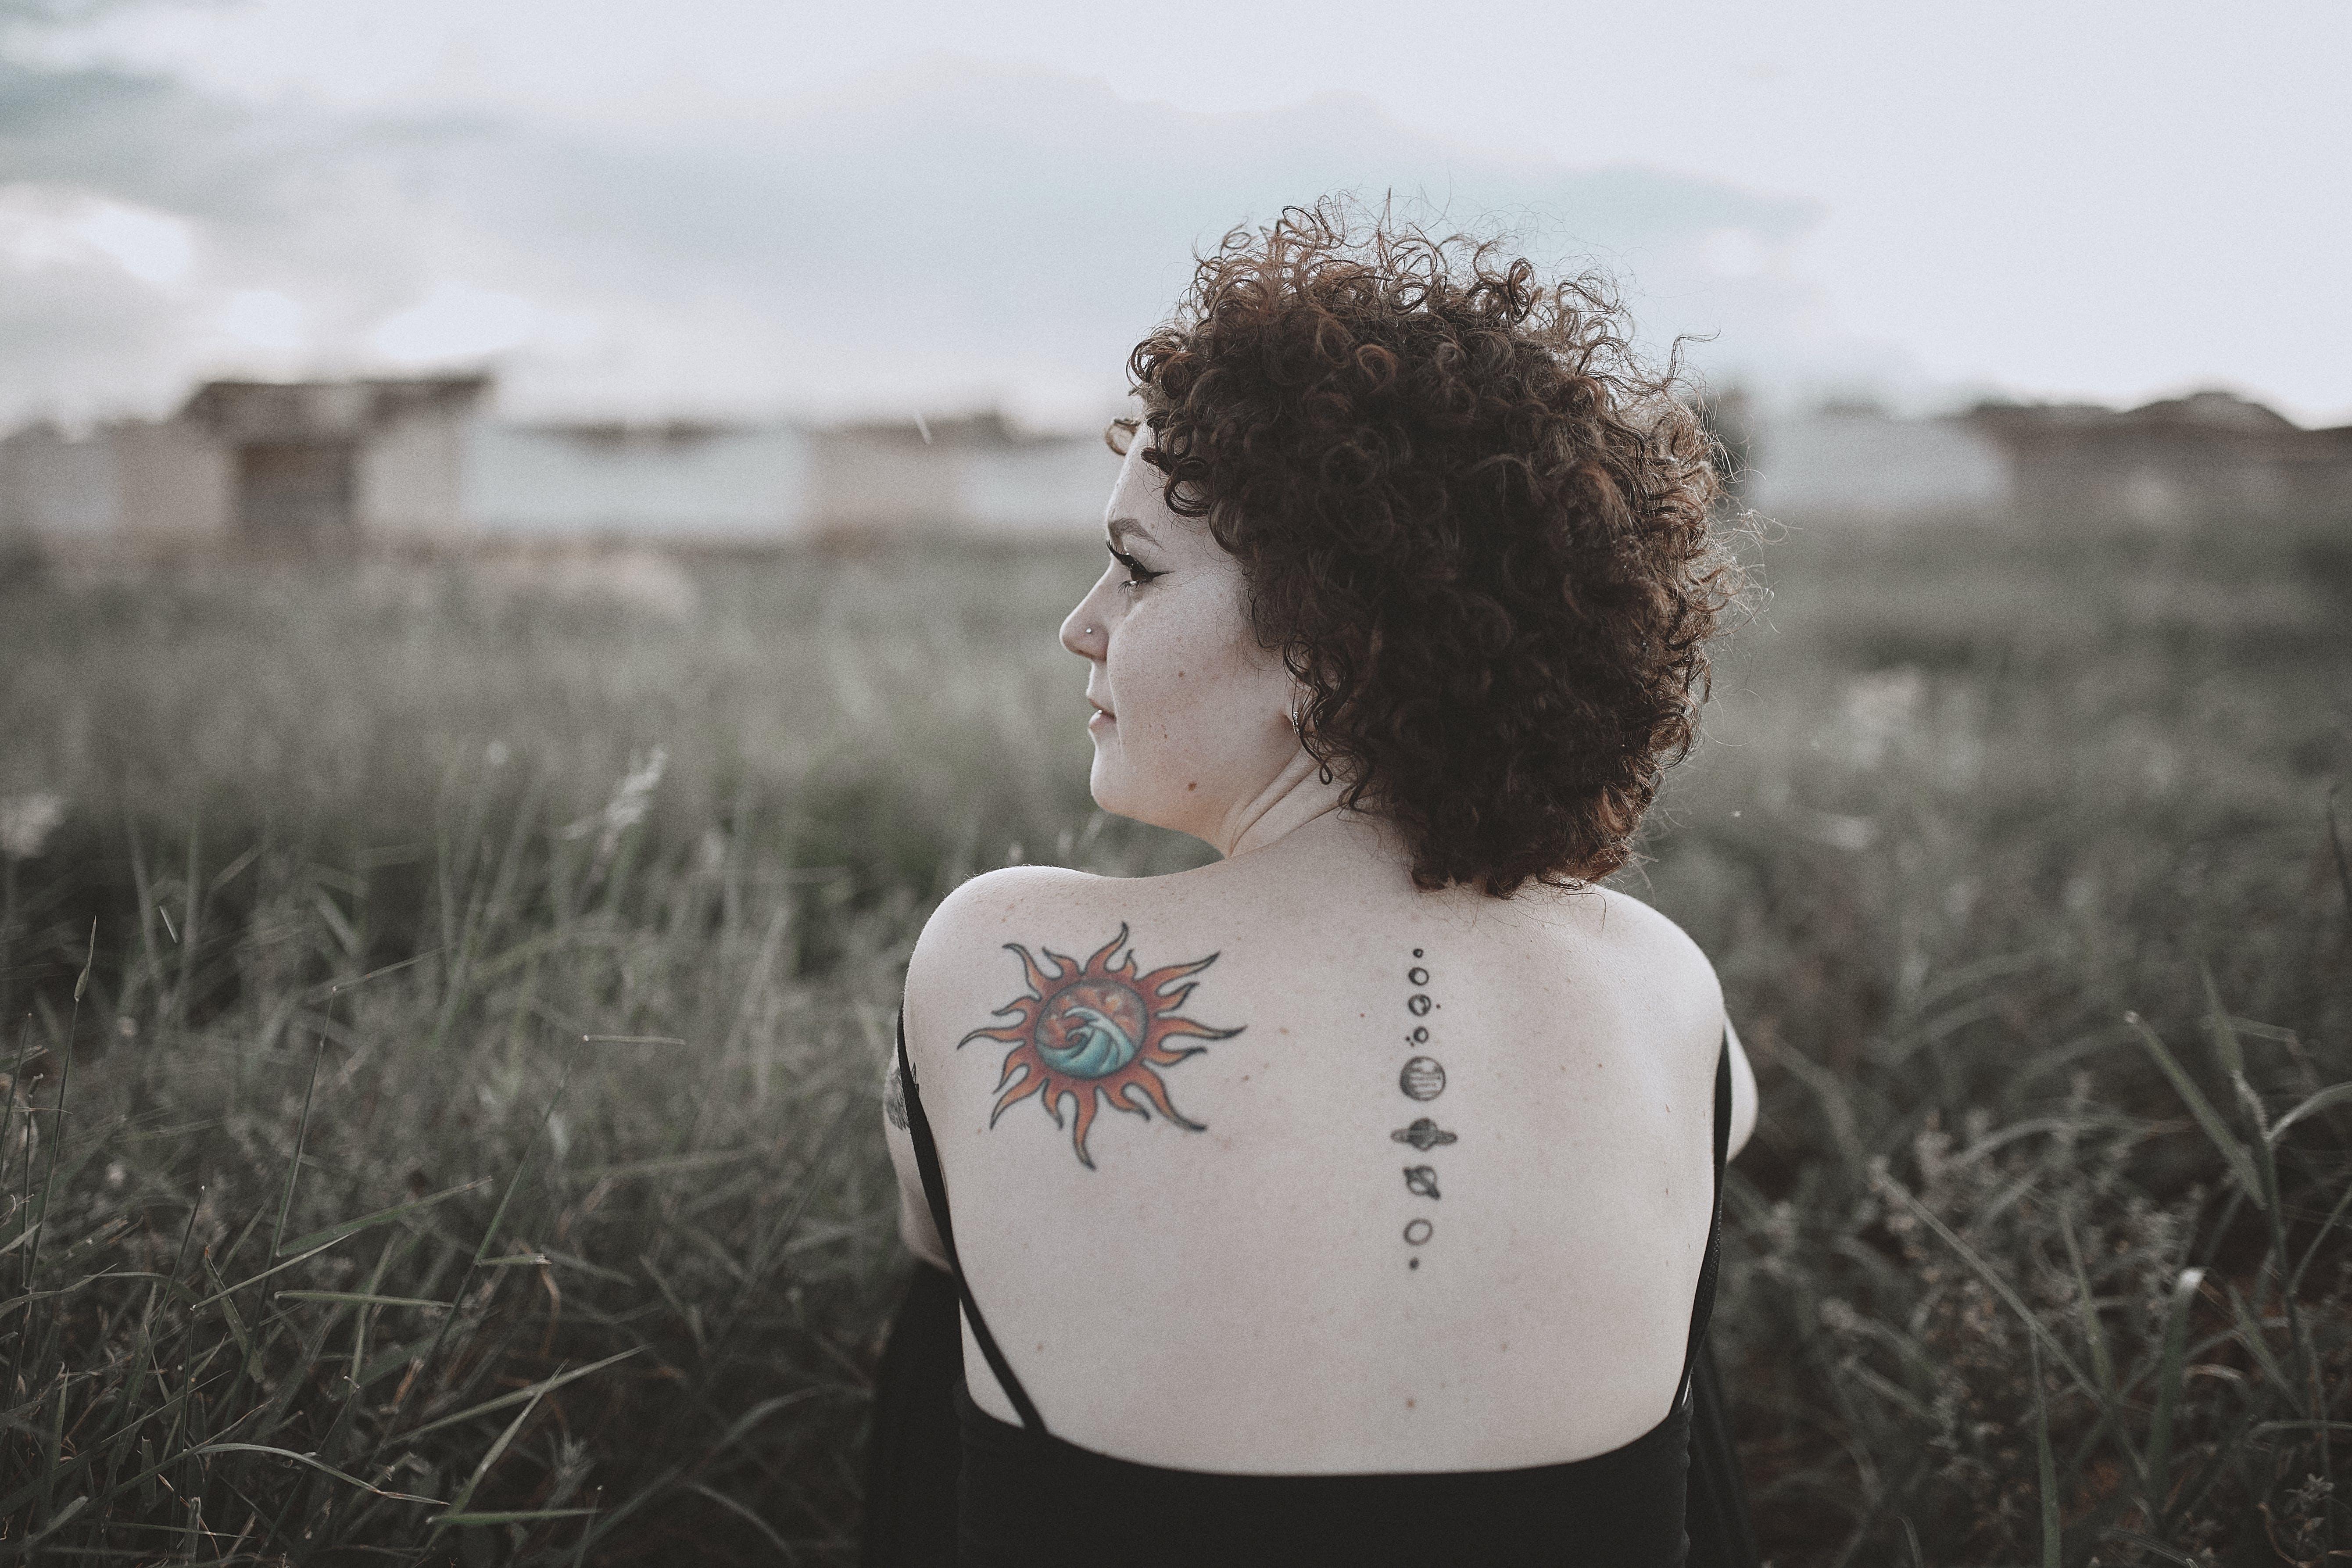 后背, 女人, 田, 草 的 免费素材照片